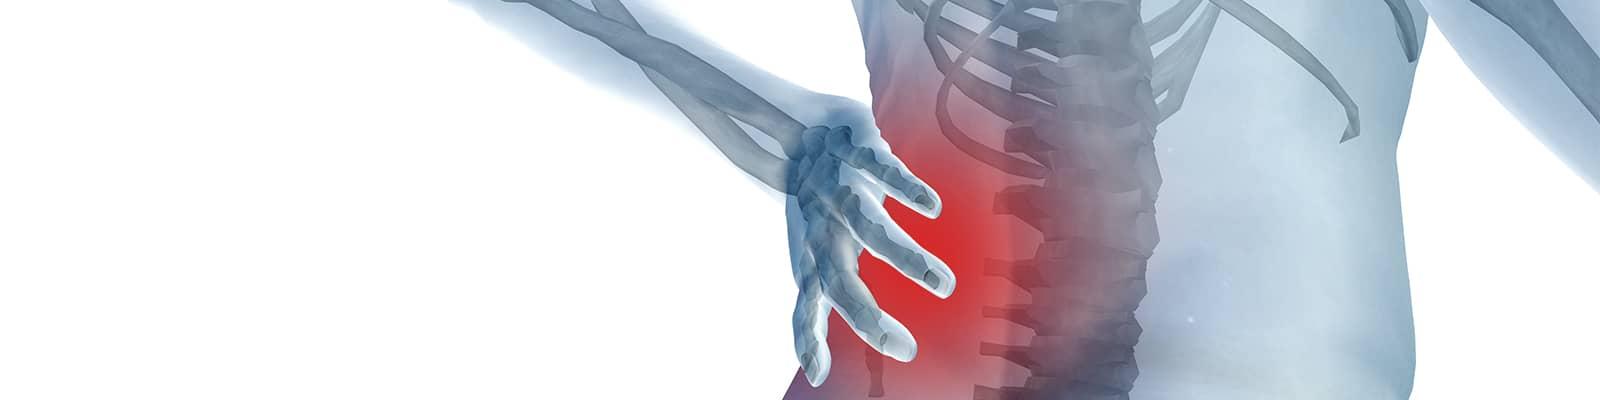 Lesiones de lumbar y pelvis, y sus cuidados